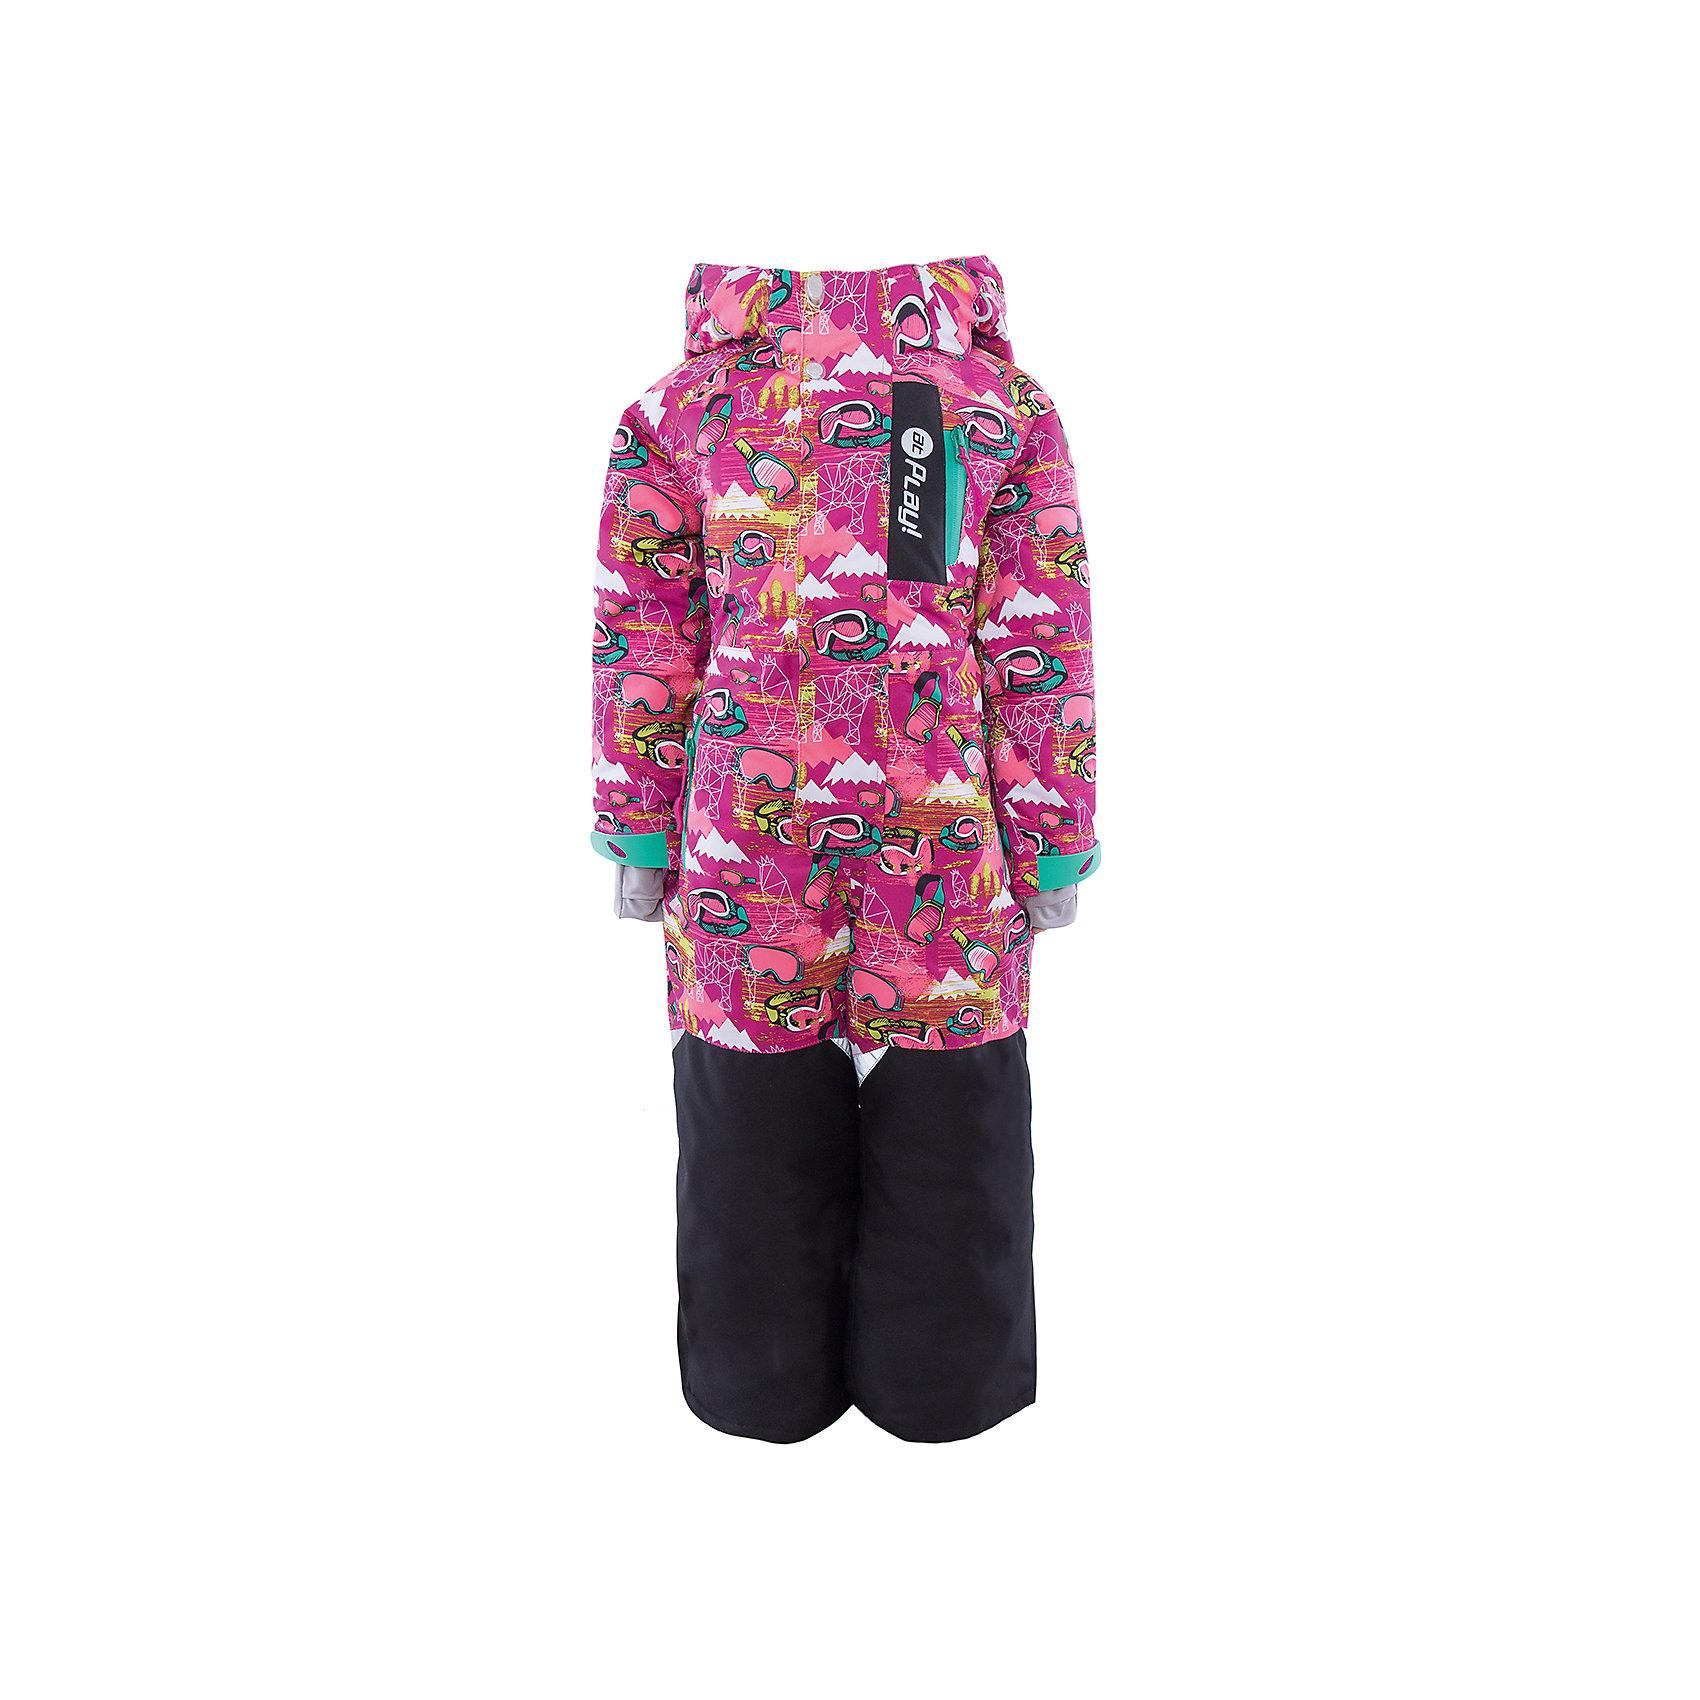 Комбинезон для девочки atPlay!Верхняя одежда<br>В сезон холодов необходимо особенно тщательно подходить к подбору одежды для ребенка. Чтобы обеспечить ему тепло, сухость и комфорт, можно выбрать этот комбинезон, сшитый из мембранного материала.<br>Он позволяет коже дышать, помогает выводить лишнюю влагу, при этом не позволяет ребенку замерзнуть или промокнуть. Выглядит при этом модель очень симпатично! Изделие выполнено очень качественно. Фурнитура для него подбиралась с учетом особенностей детского организма.<br><br>Дополнительная информация:<br><br>цвет: розовый;<br>материал: полиэстер, фурнитура YKK, водо- и грязеотталкивающее покрытие Teflon;<br>утеплитель: Thinsulate 150 г;<br>температурный режим: от -20°С до +5° С;<br>мягкие элементы на капюшоне и воротнике;<br>паропроницаемость: 10000 г / м.куб. / 24 ч;<br>водонепроницаемость: 10000 мм / 24 ч;<br>планка от ветра (двойная);<br>карманы застегиваются на молнию;<br>детали, отражающие свет.<br><br>Комбинезон для девочки от бренда atPlay! можно приобрести в нашем интернет-магазине.<br><br>Ширина мм: 356<br>Глубина мм: 10<br>Высота мм: 245<br>Вес г: 519<br>Цвет: розовый<br>Возраст от месяцев: 36<br>Возраст до месяцев: 48<br>Пол: Женский<br>Возраст: Детский<br>Размер: 104,110,116,122,128<br>SKU: 4940476